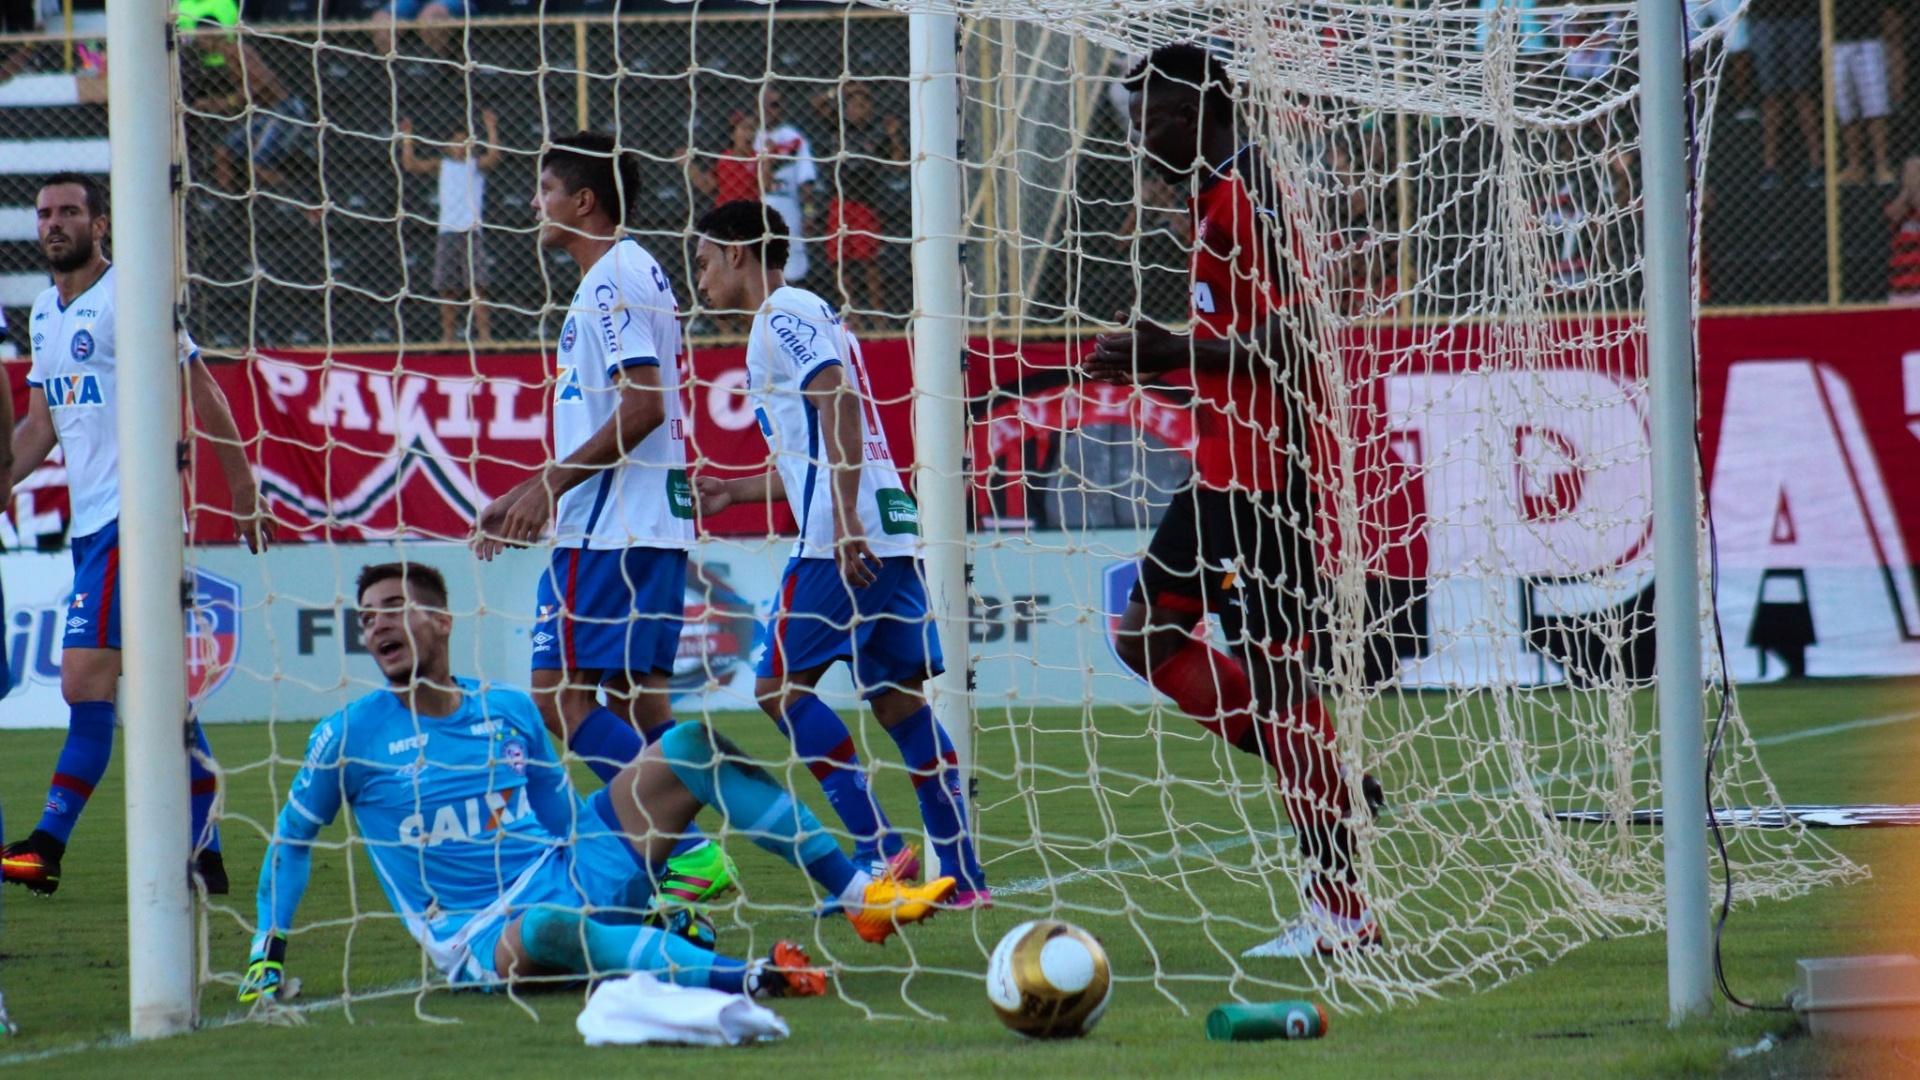 Bola não entrou no segundo jogo da decisão entre Bahia e Vitória, no Barradão